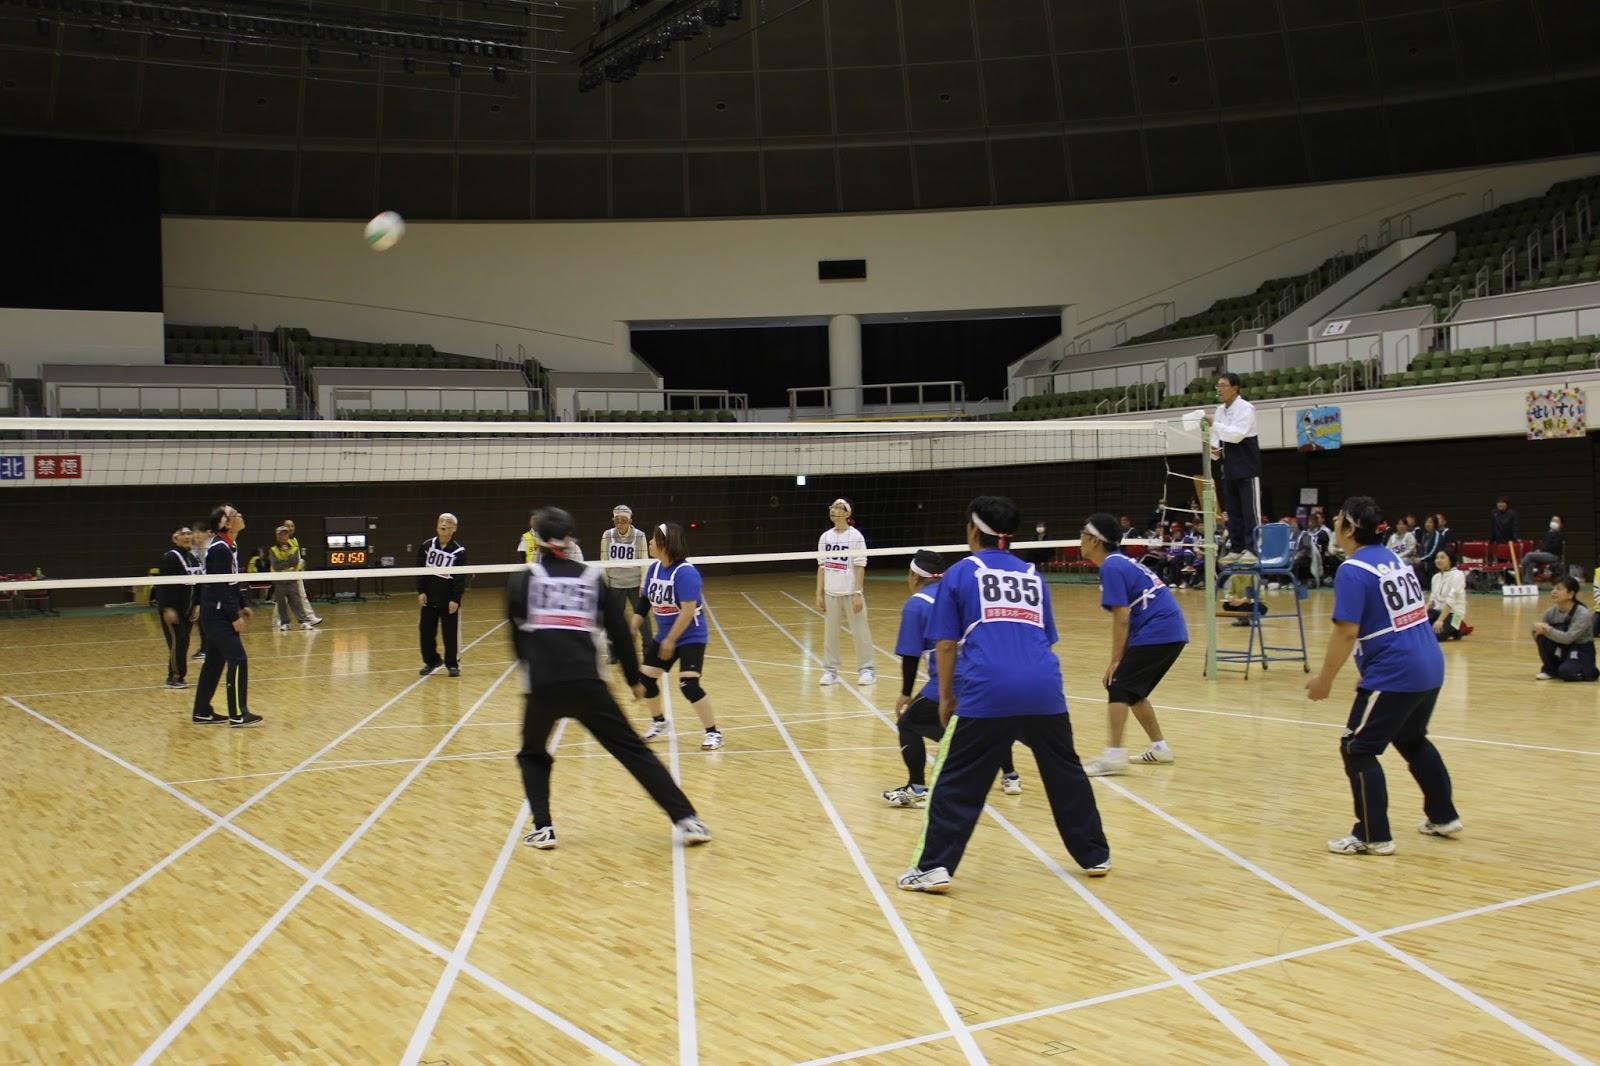 一般社団法人 岐阜県障害者スポーツ協会